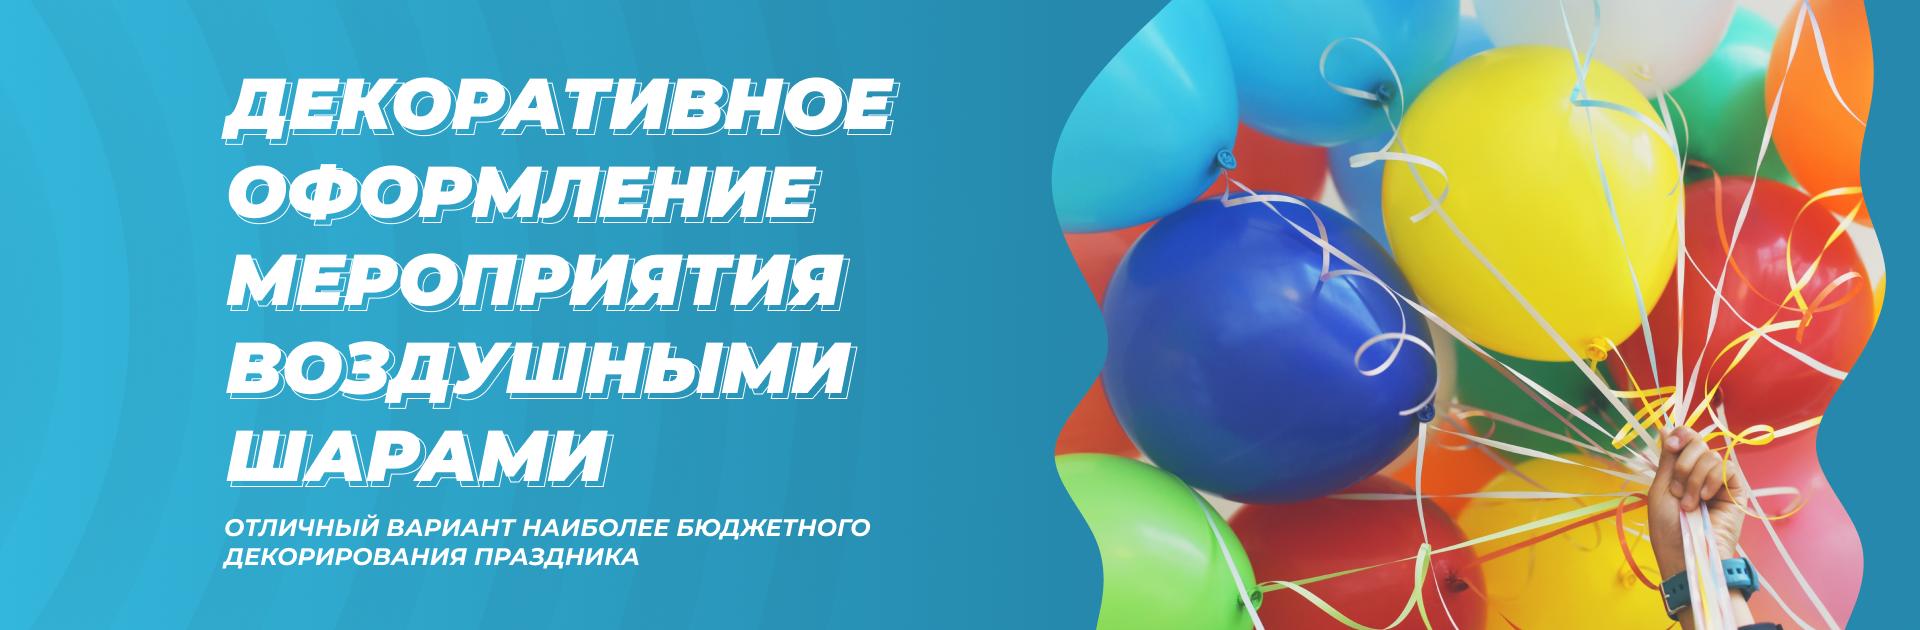 Декоративное оформление мероприятия воздушными шарами